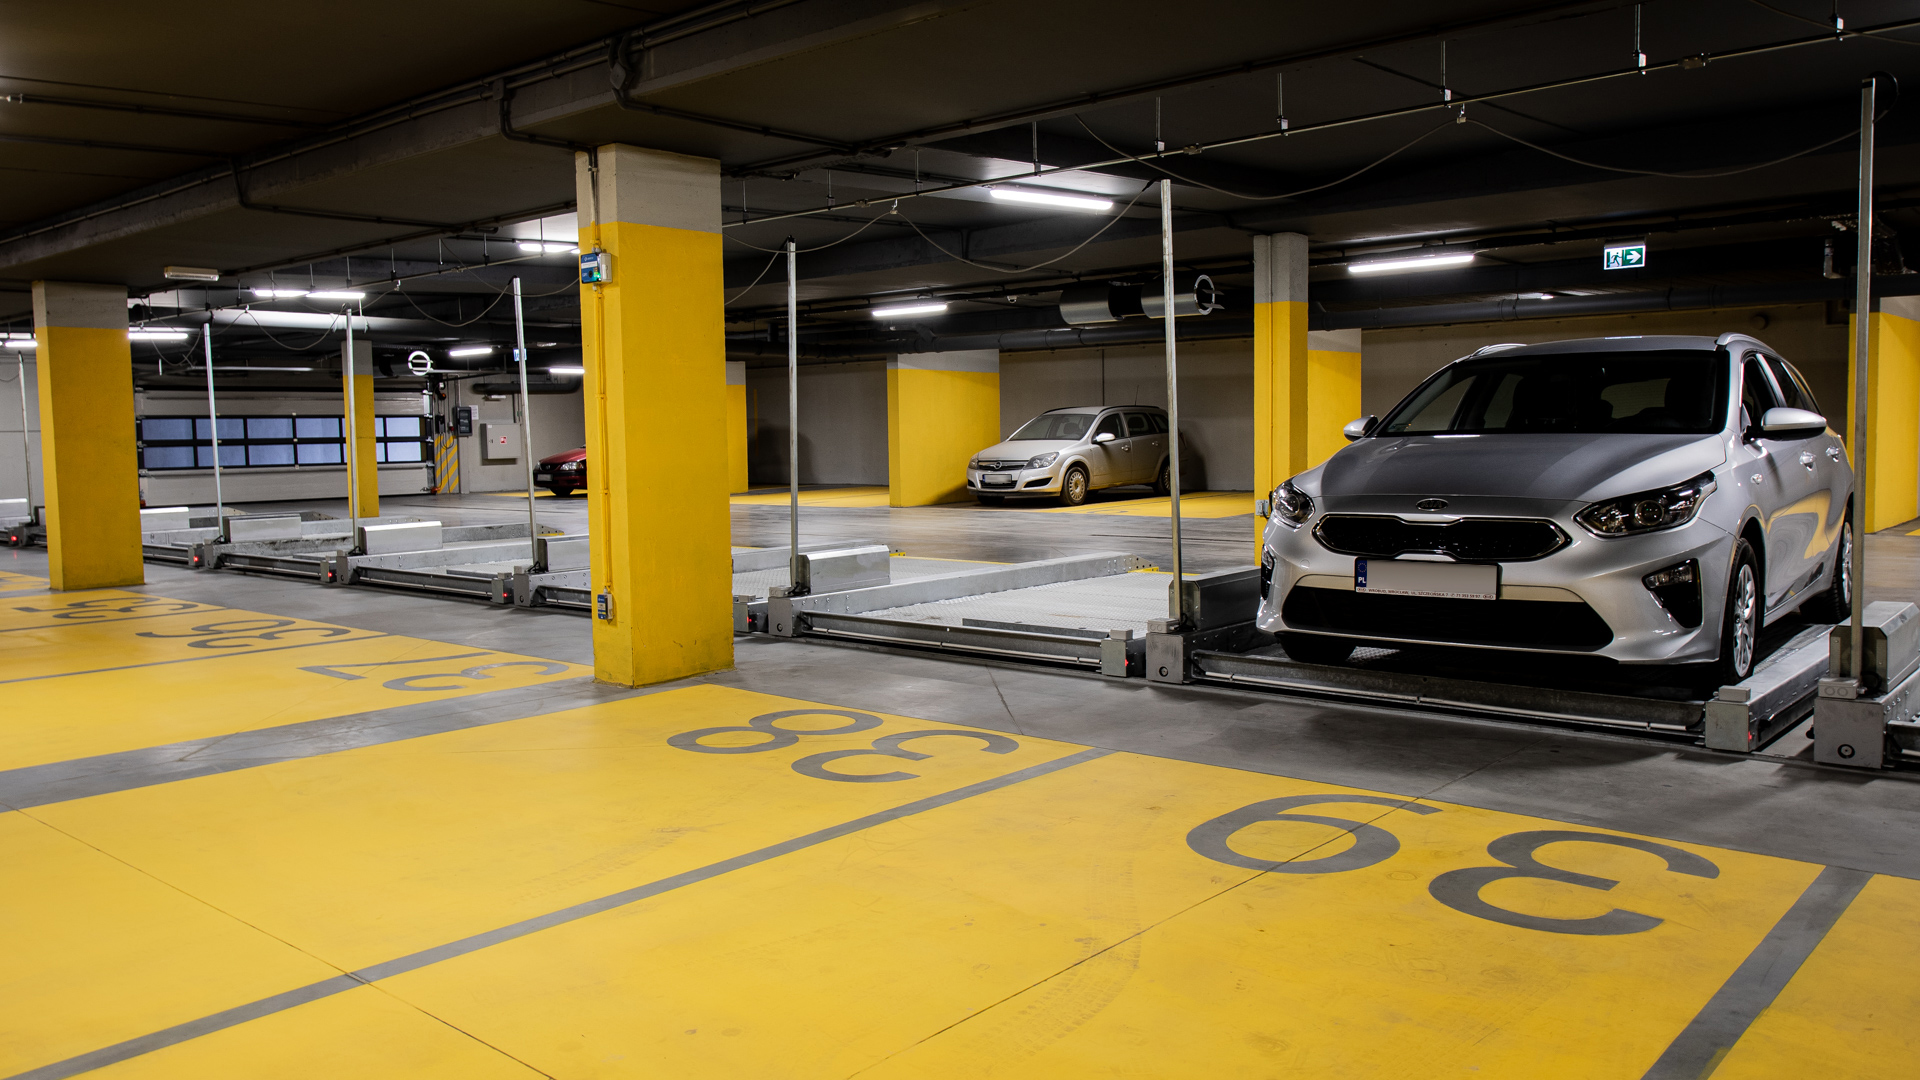 Platformy parkingowe przesuwne MODULO Slide - 14 miejsc parkingowych